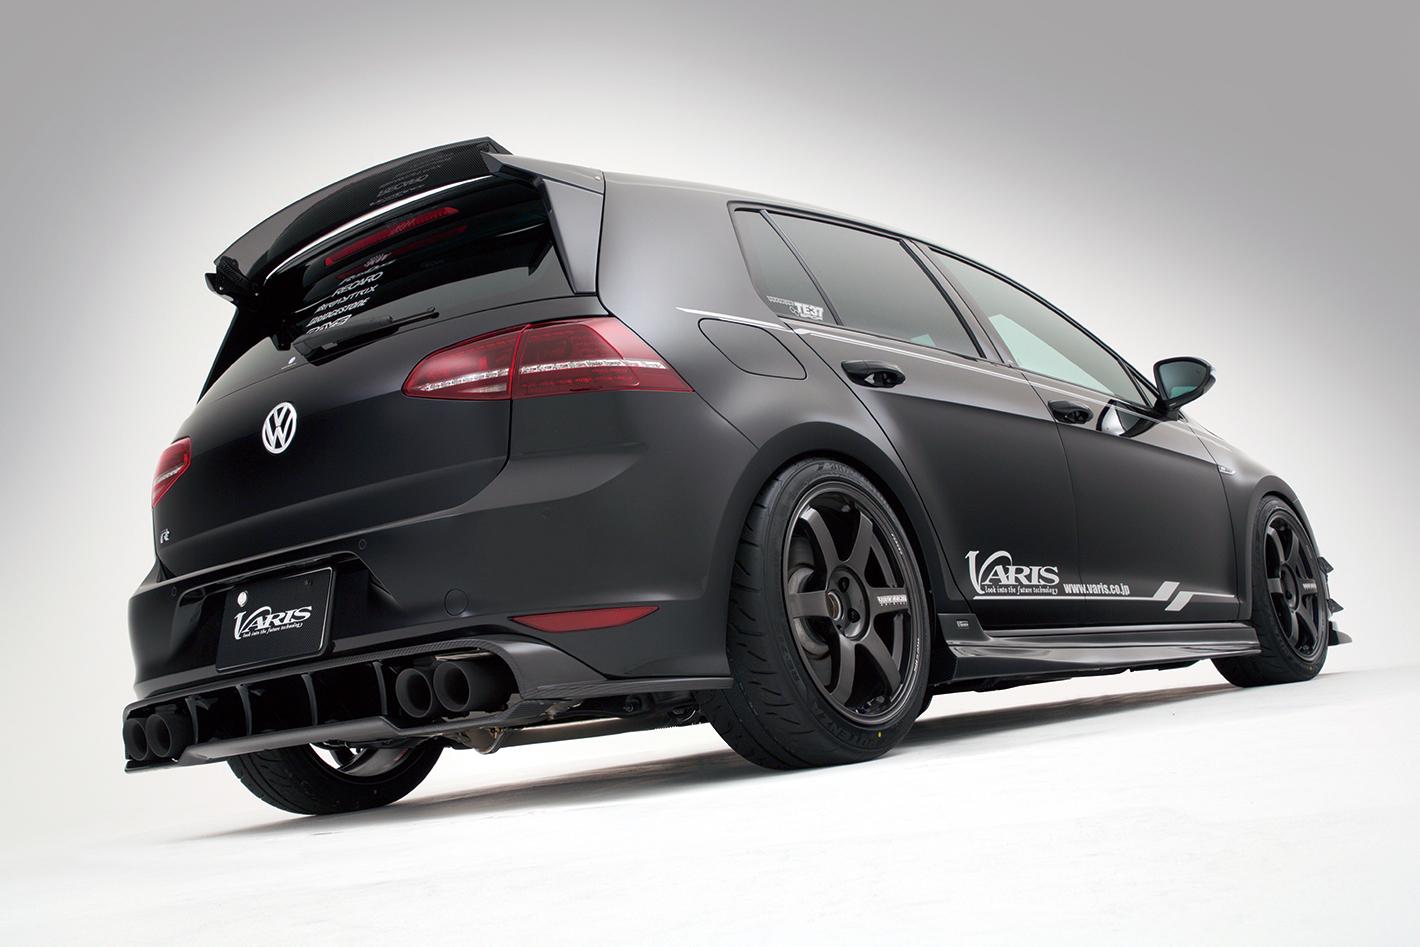 VARIS VW GOLF VII R